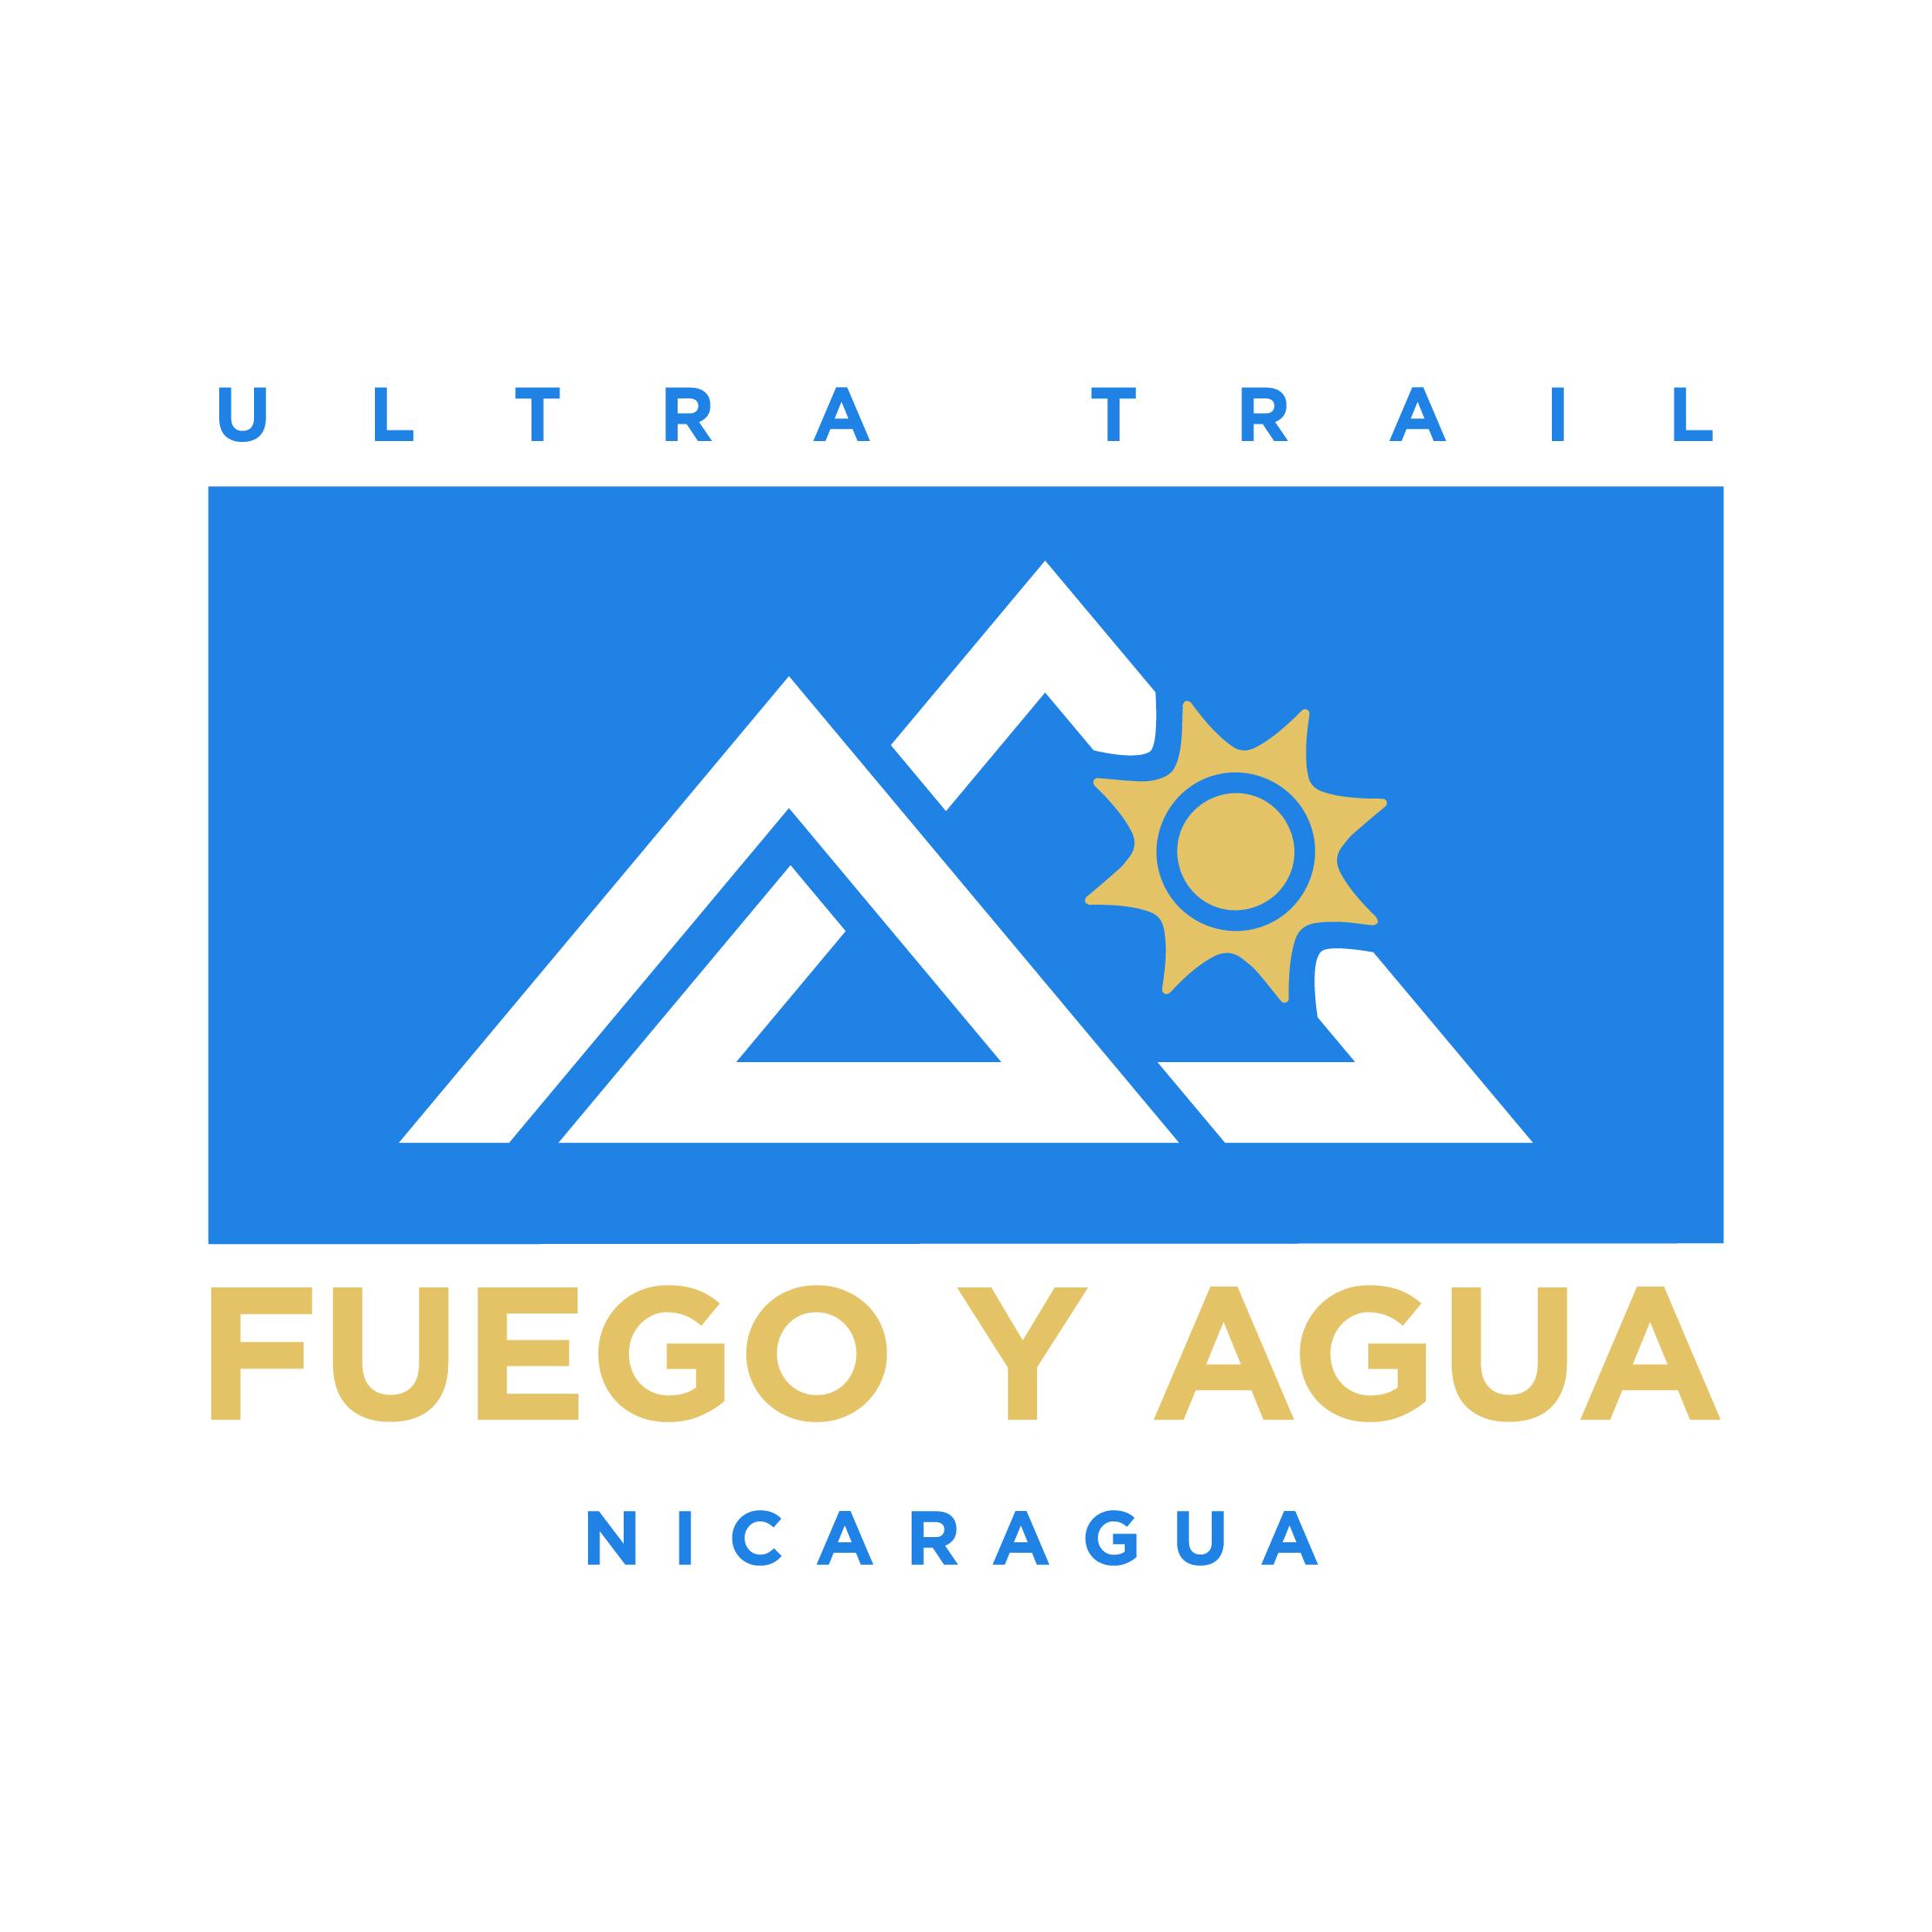 FYA_UT_Nicaragua.jpg